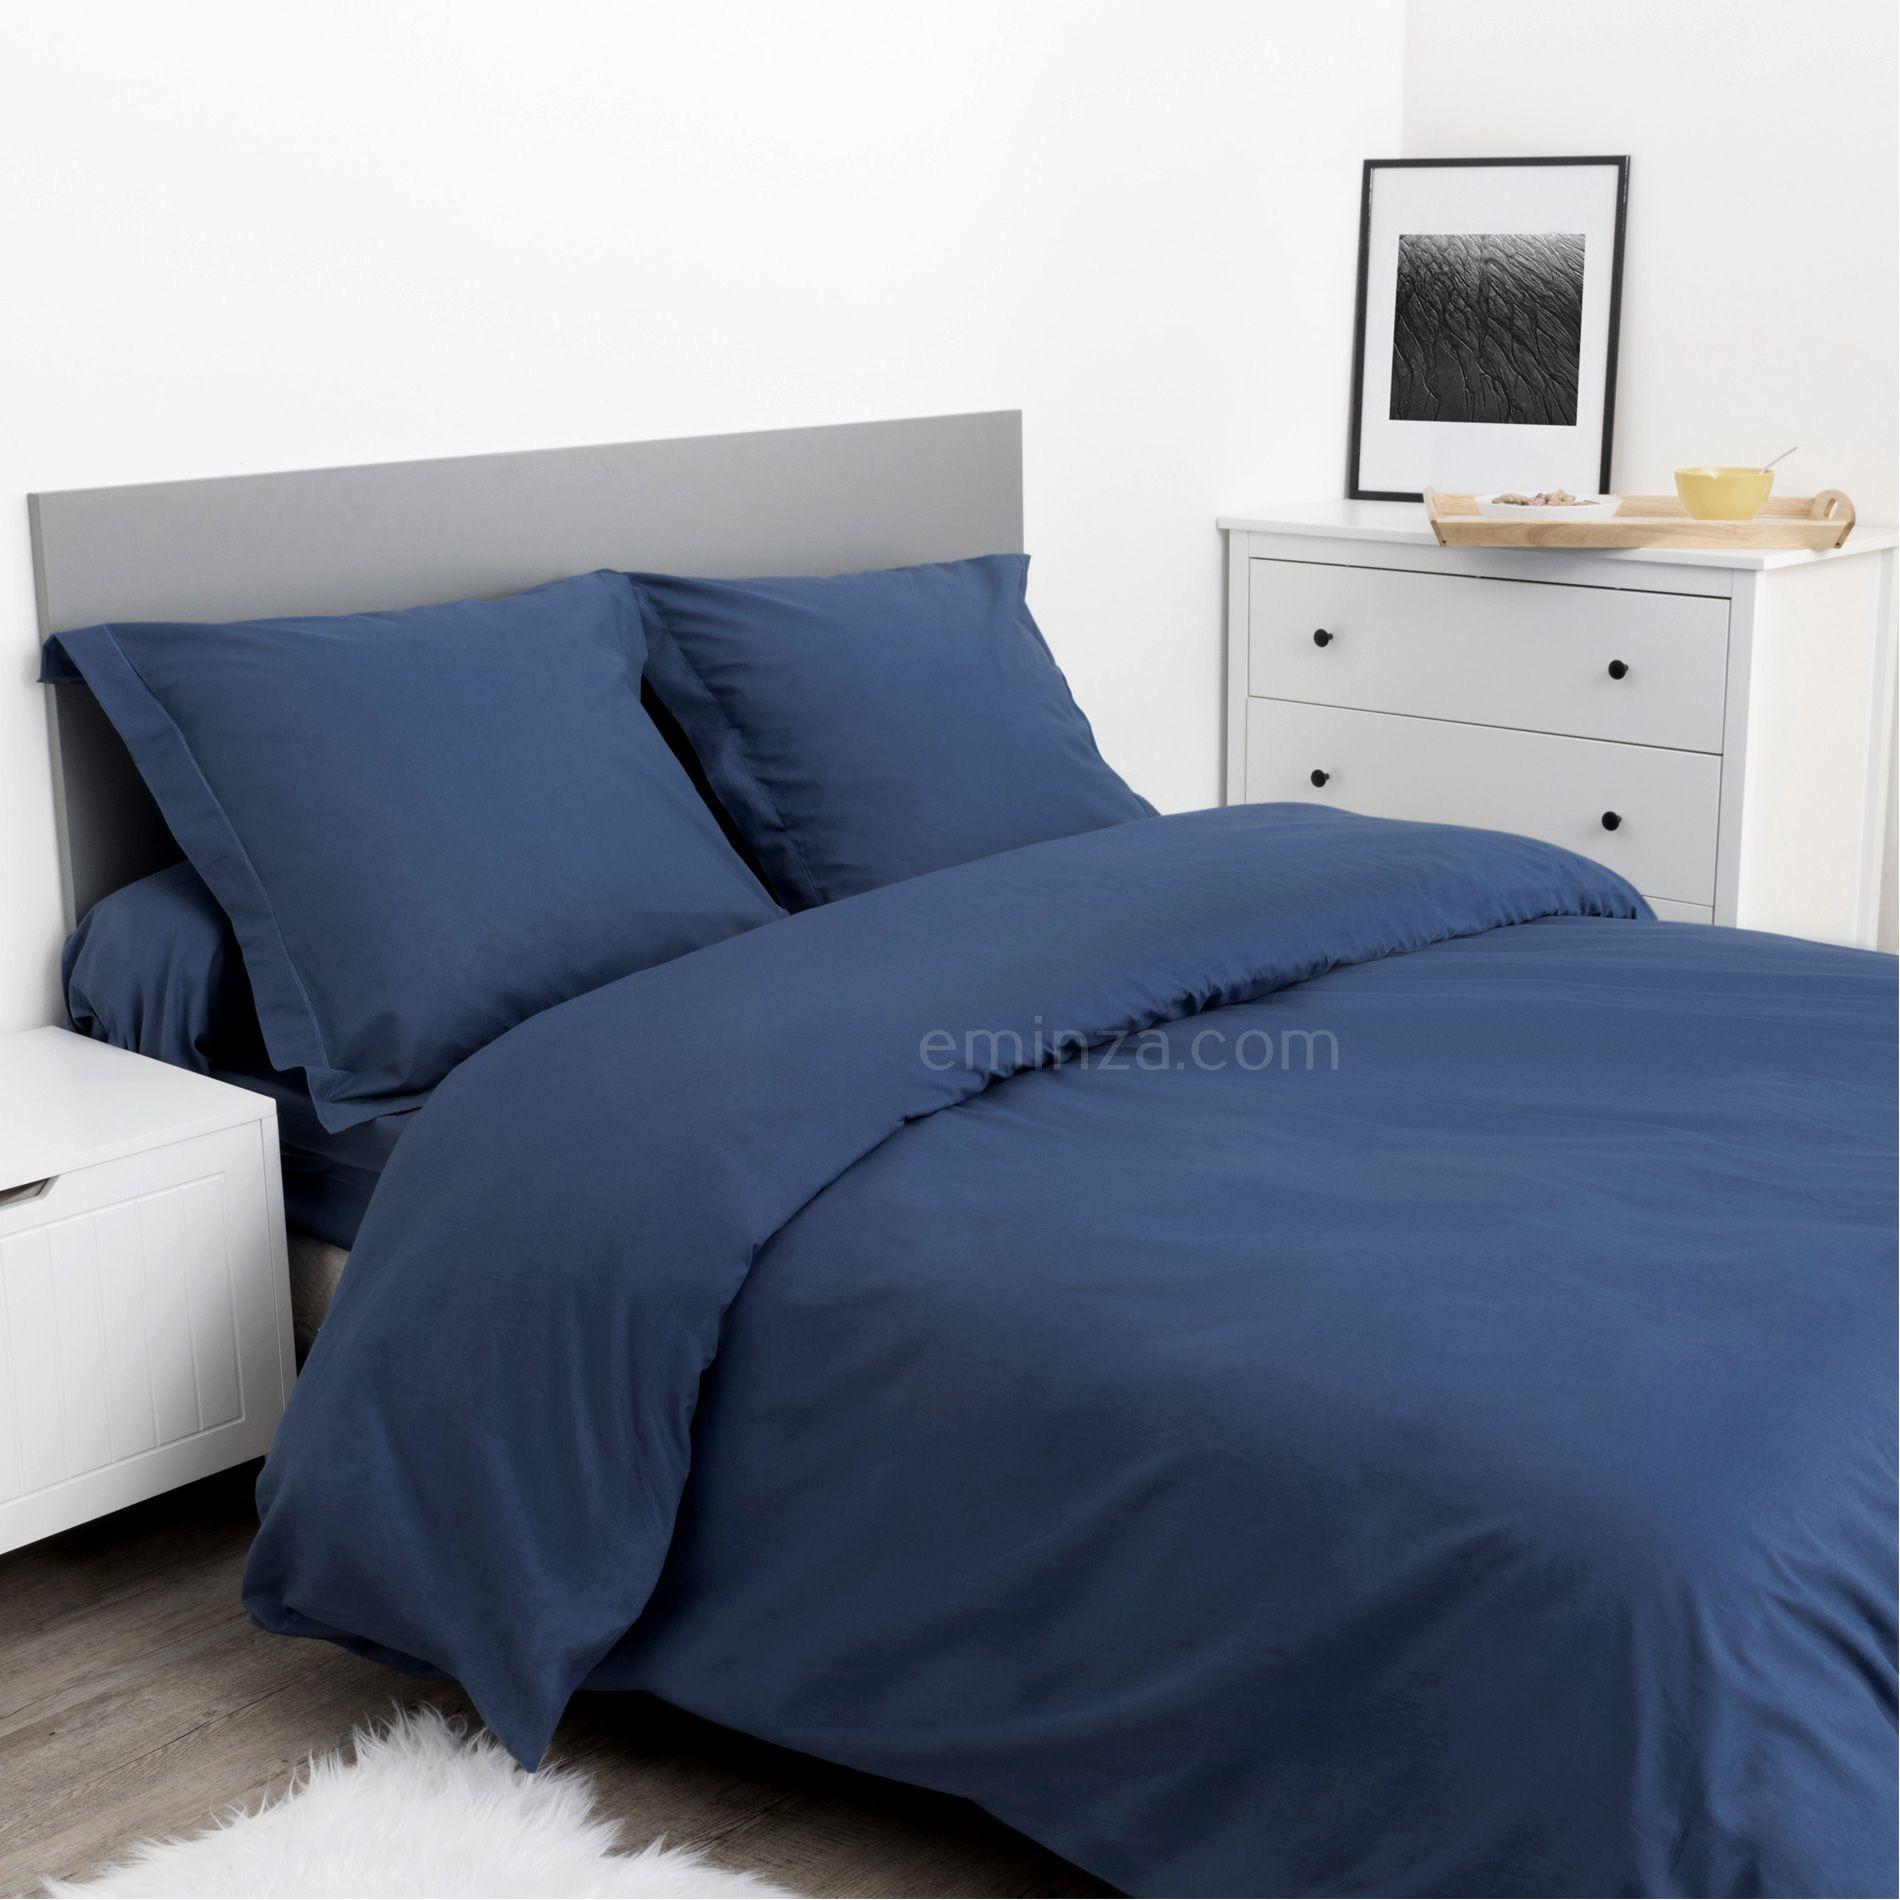 drap housse 140 cm confort bleu drap housse eminza. Black Bedroom Furniture Sets. Home Design Ideas